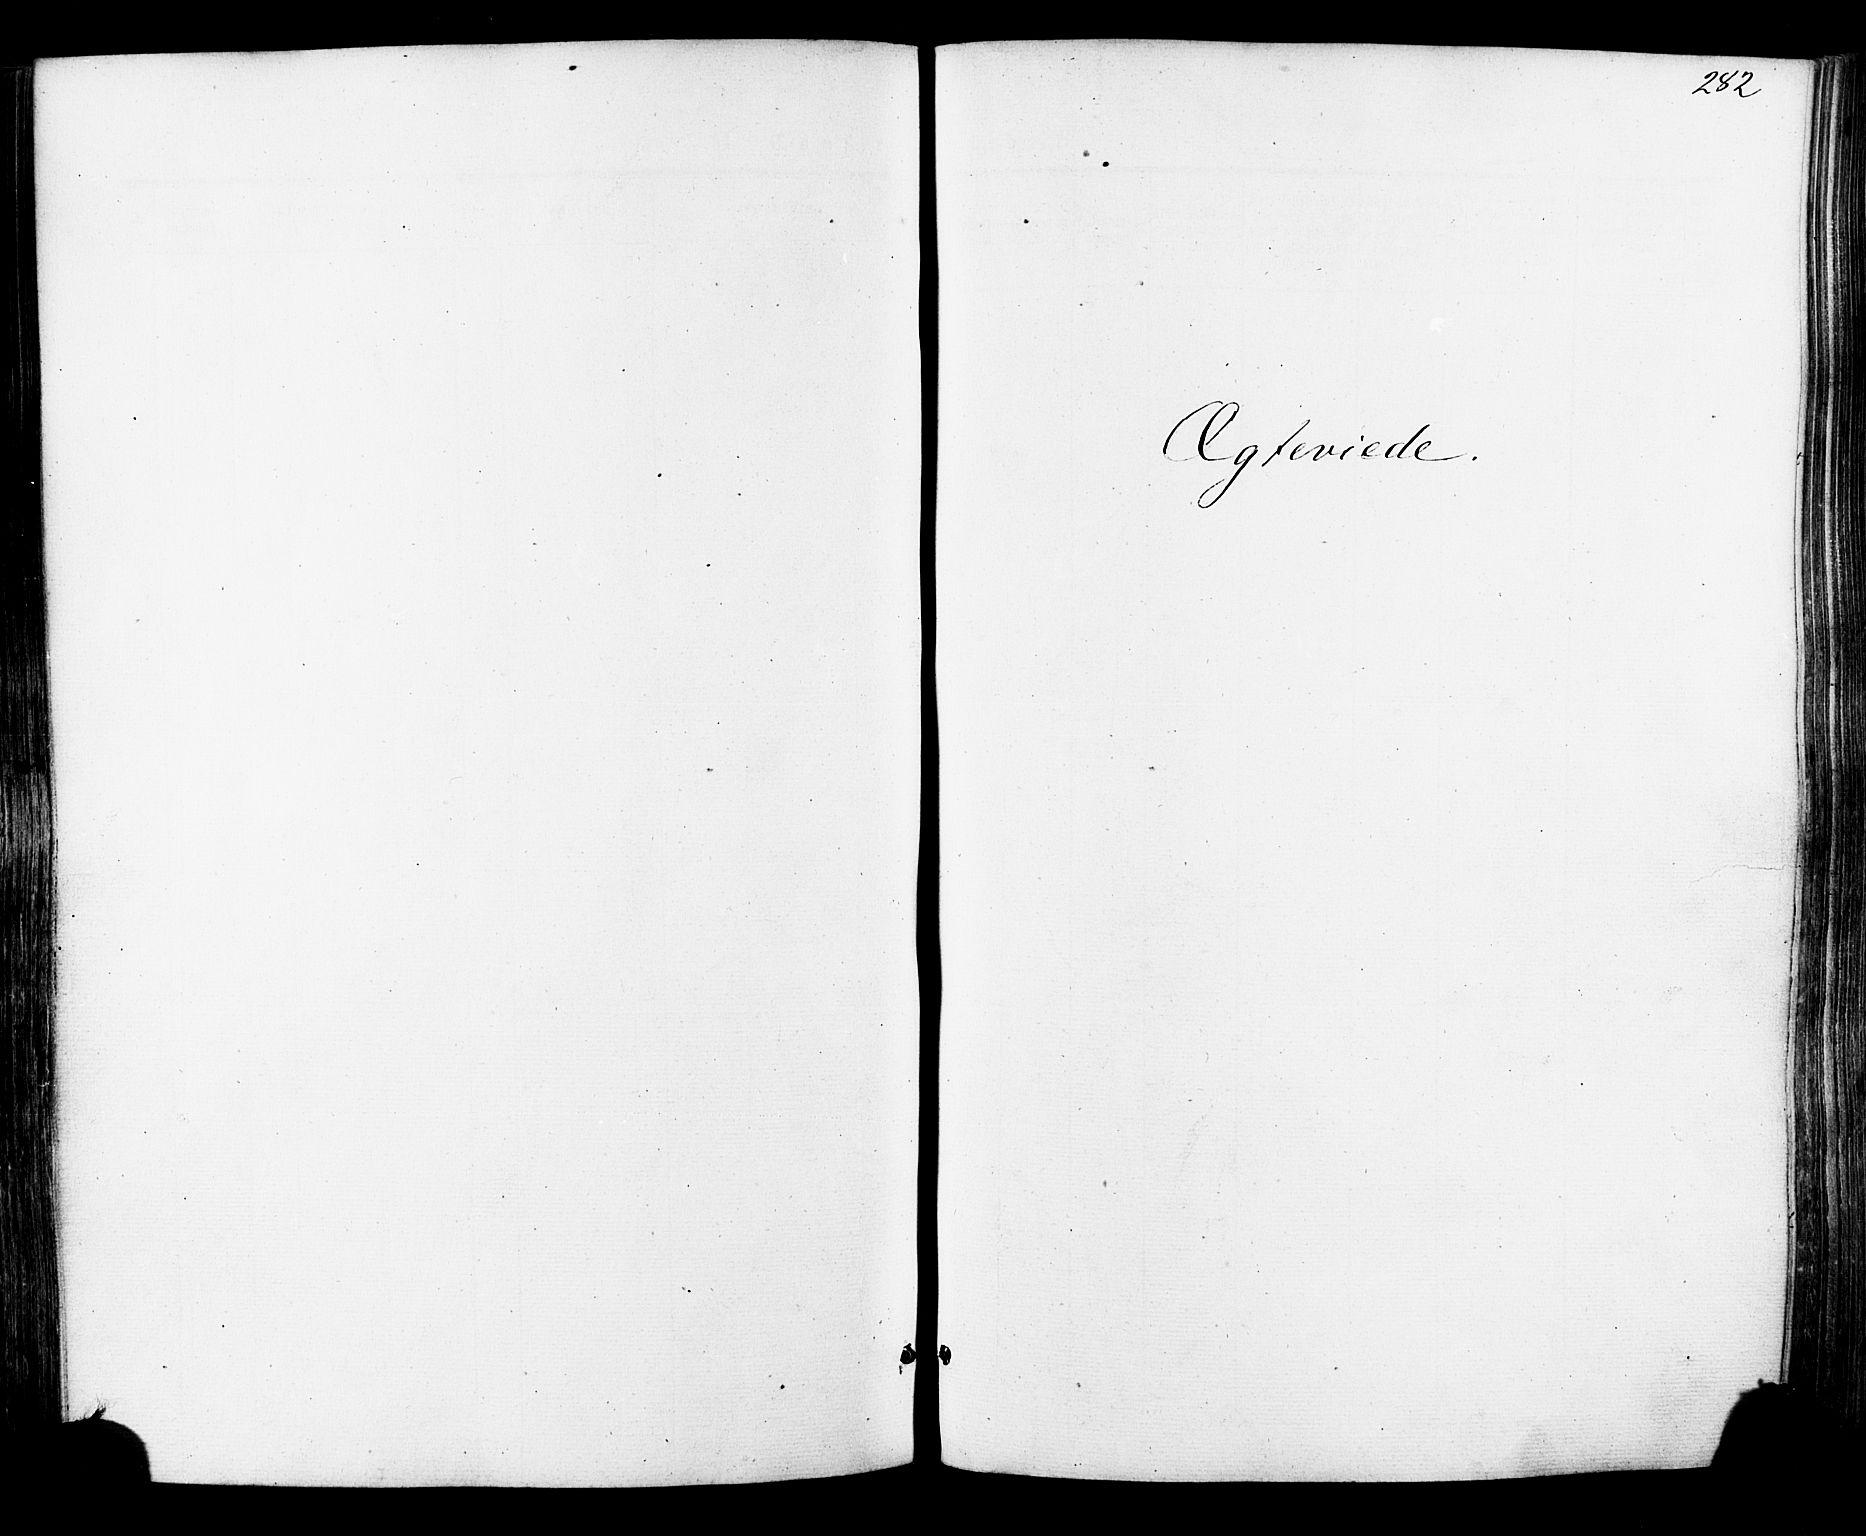 SAT, Ministerialprotokoller, klokkerbøker og fødselsregistre - Sør-Trøndelag, 681/L0932: Ministerialbok nr. 681A10, 1860-1878, s. 282